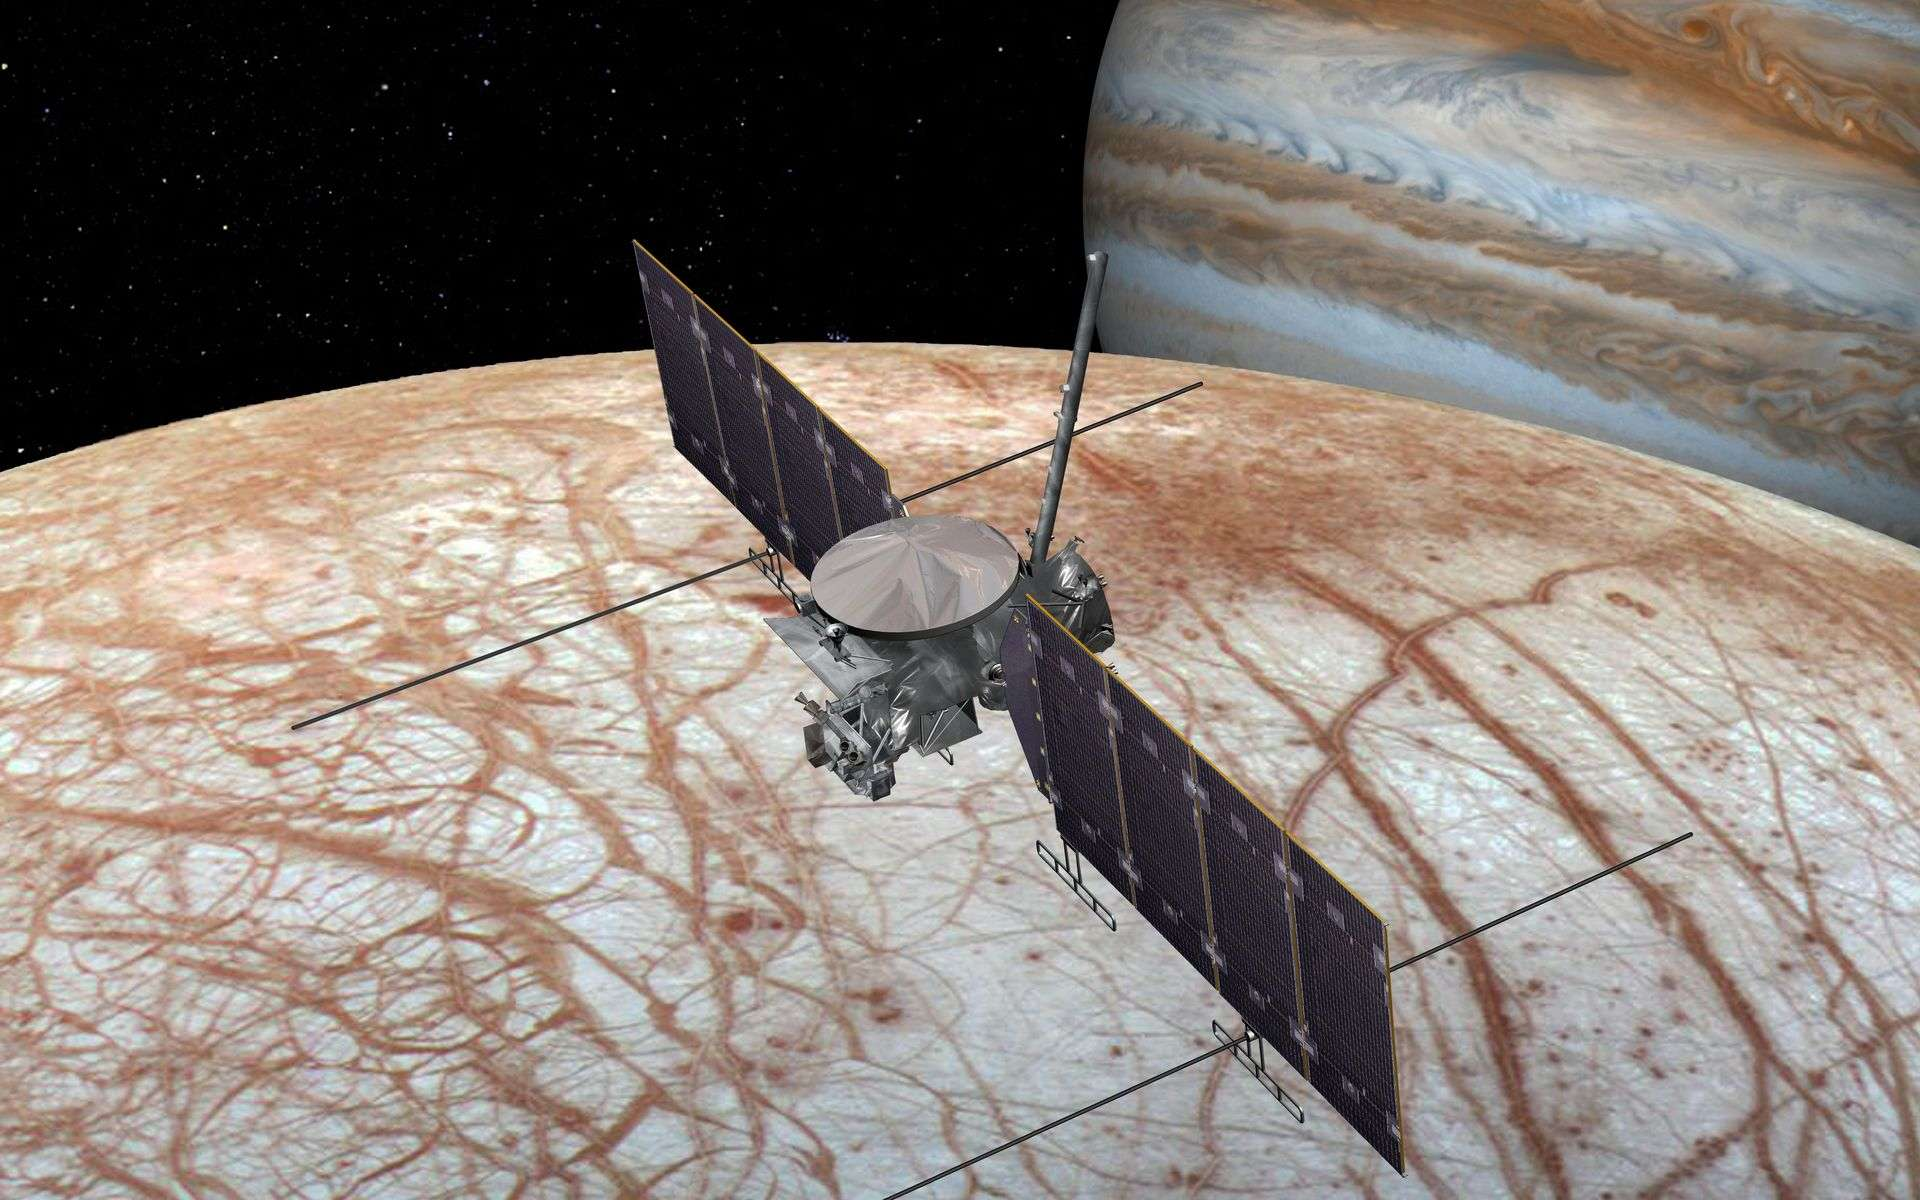 Illustration de la sonde surnommée Europa Clipper. En cours de développement, son lancement pourrait être au début des années 2020. © Nasa, JPL-Caltech